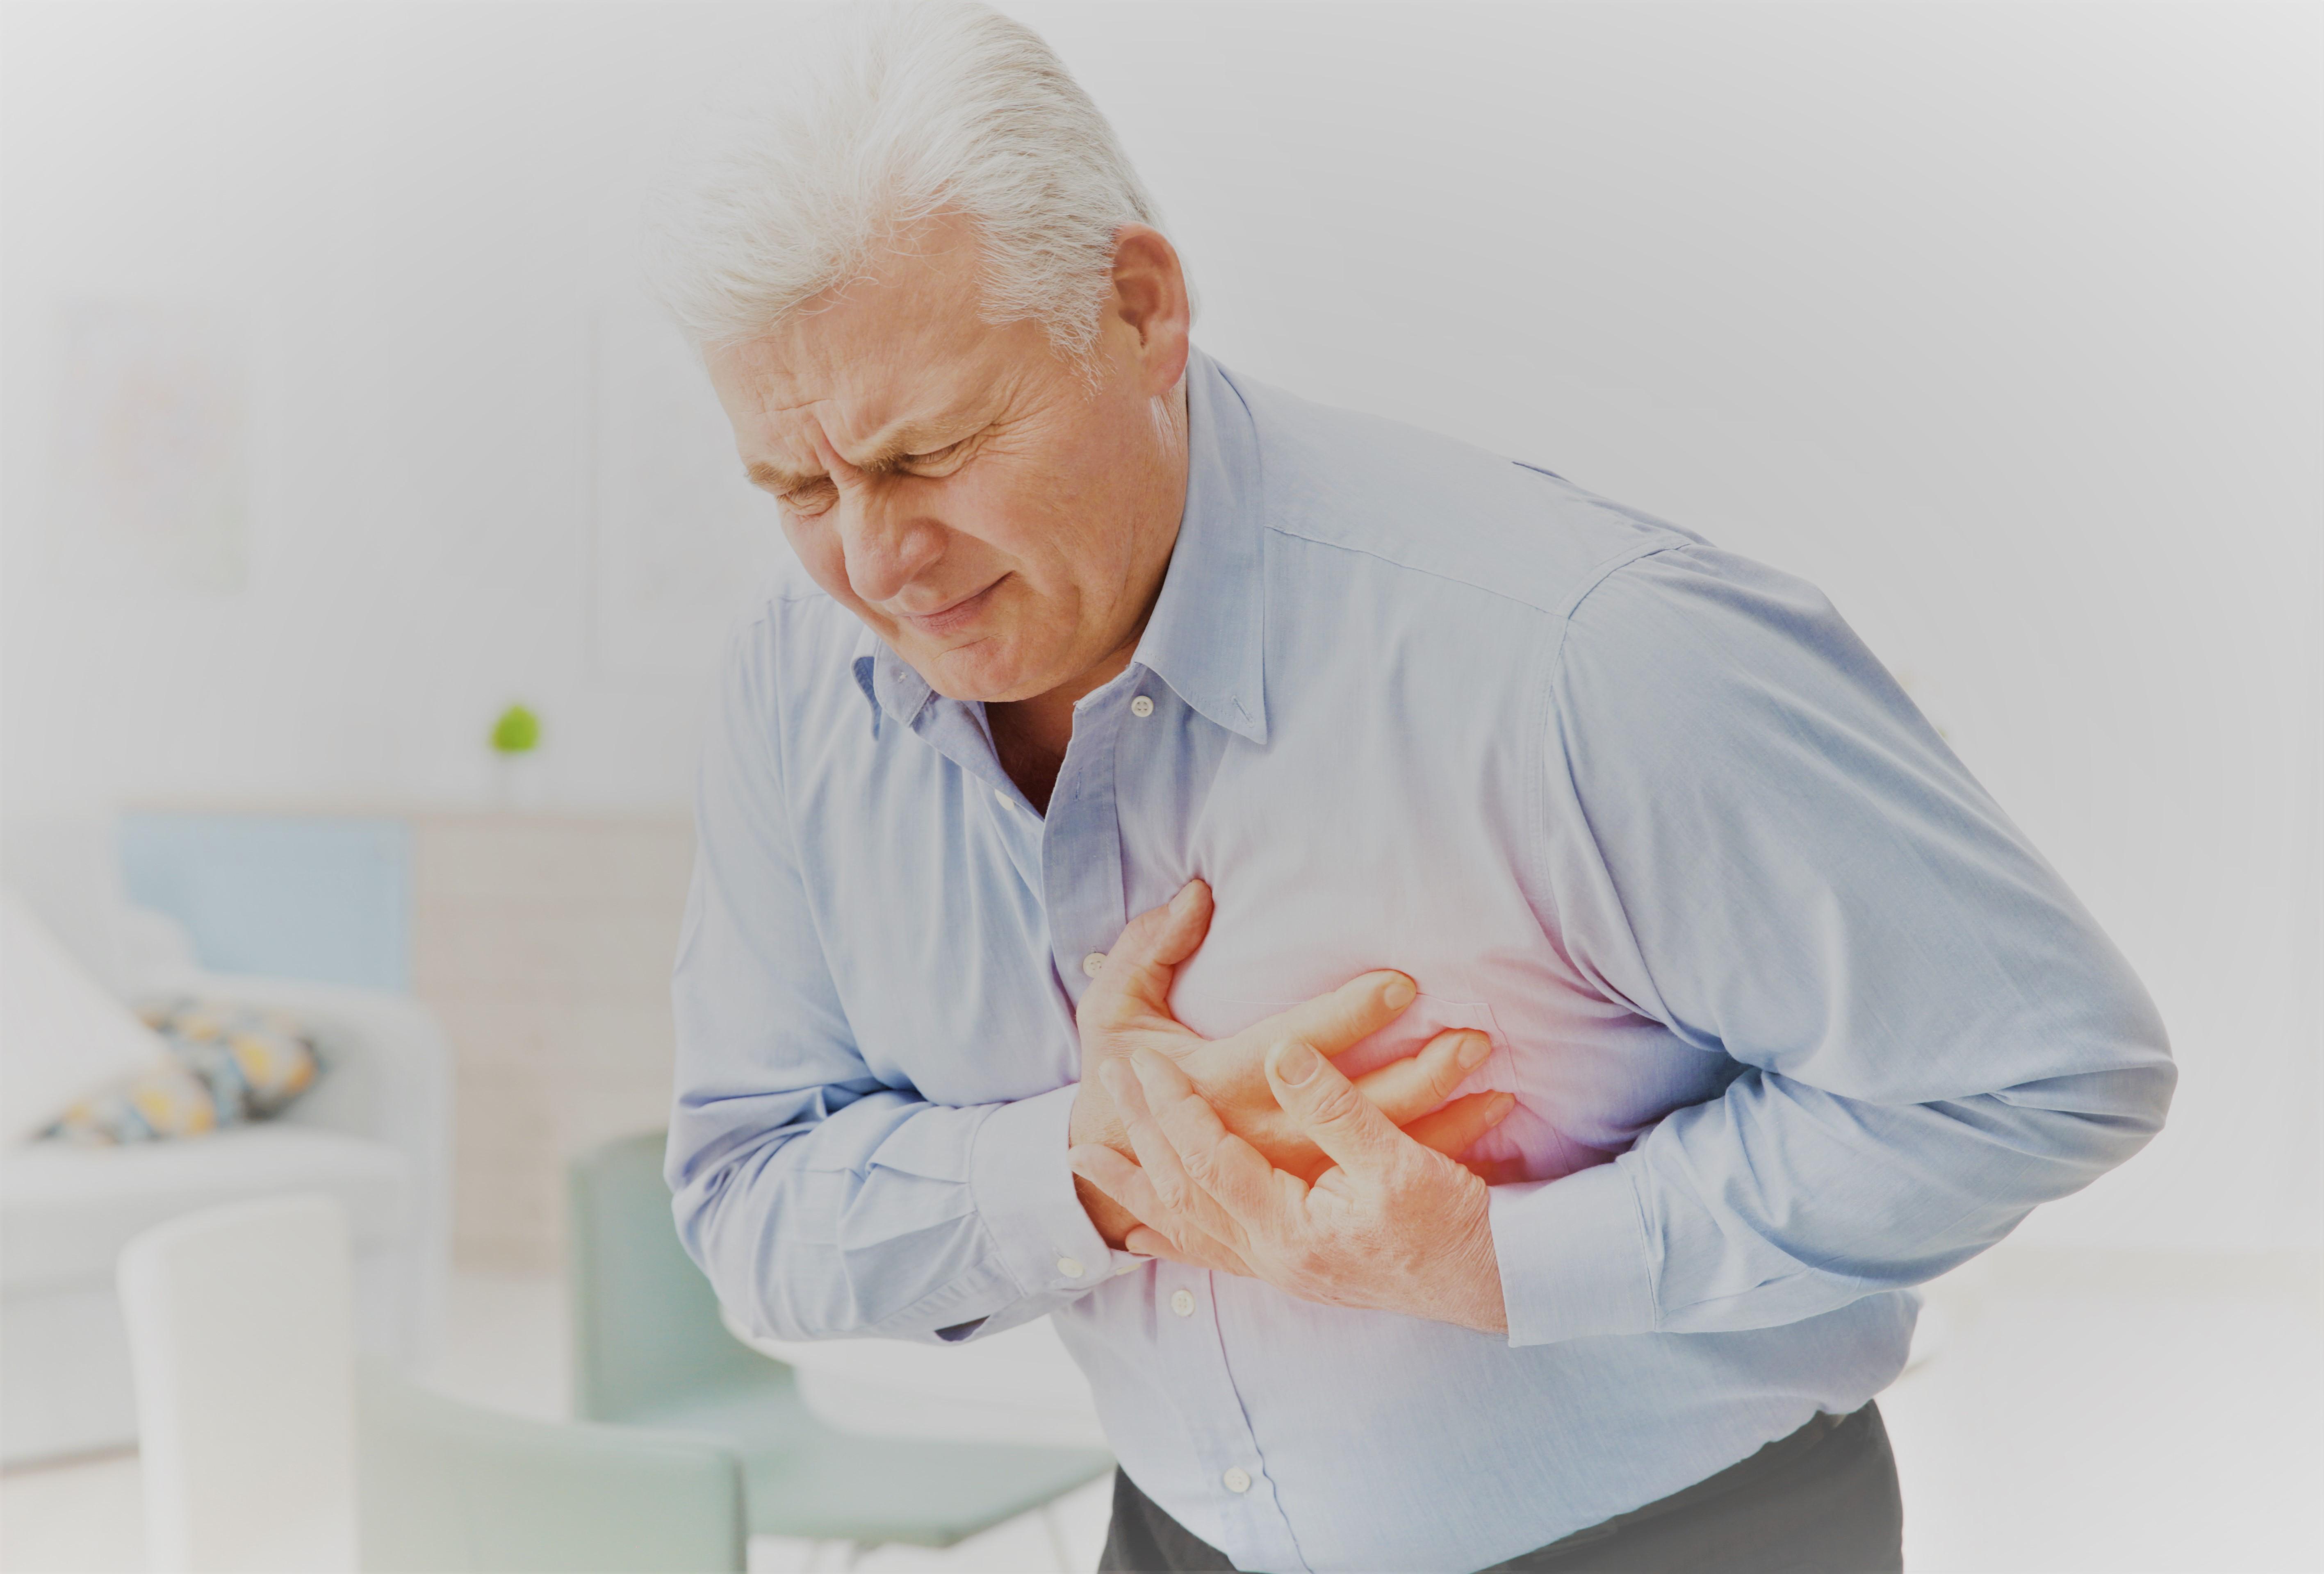 tompa fájó fájdalom a térdízületekben ízületi kezelés hemlock-nal